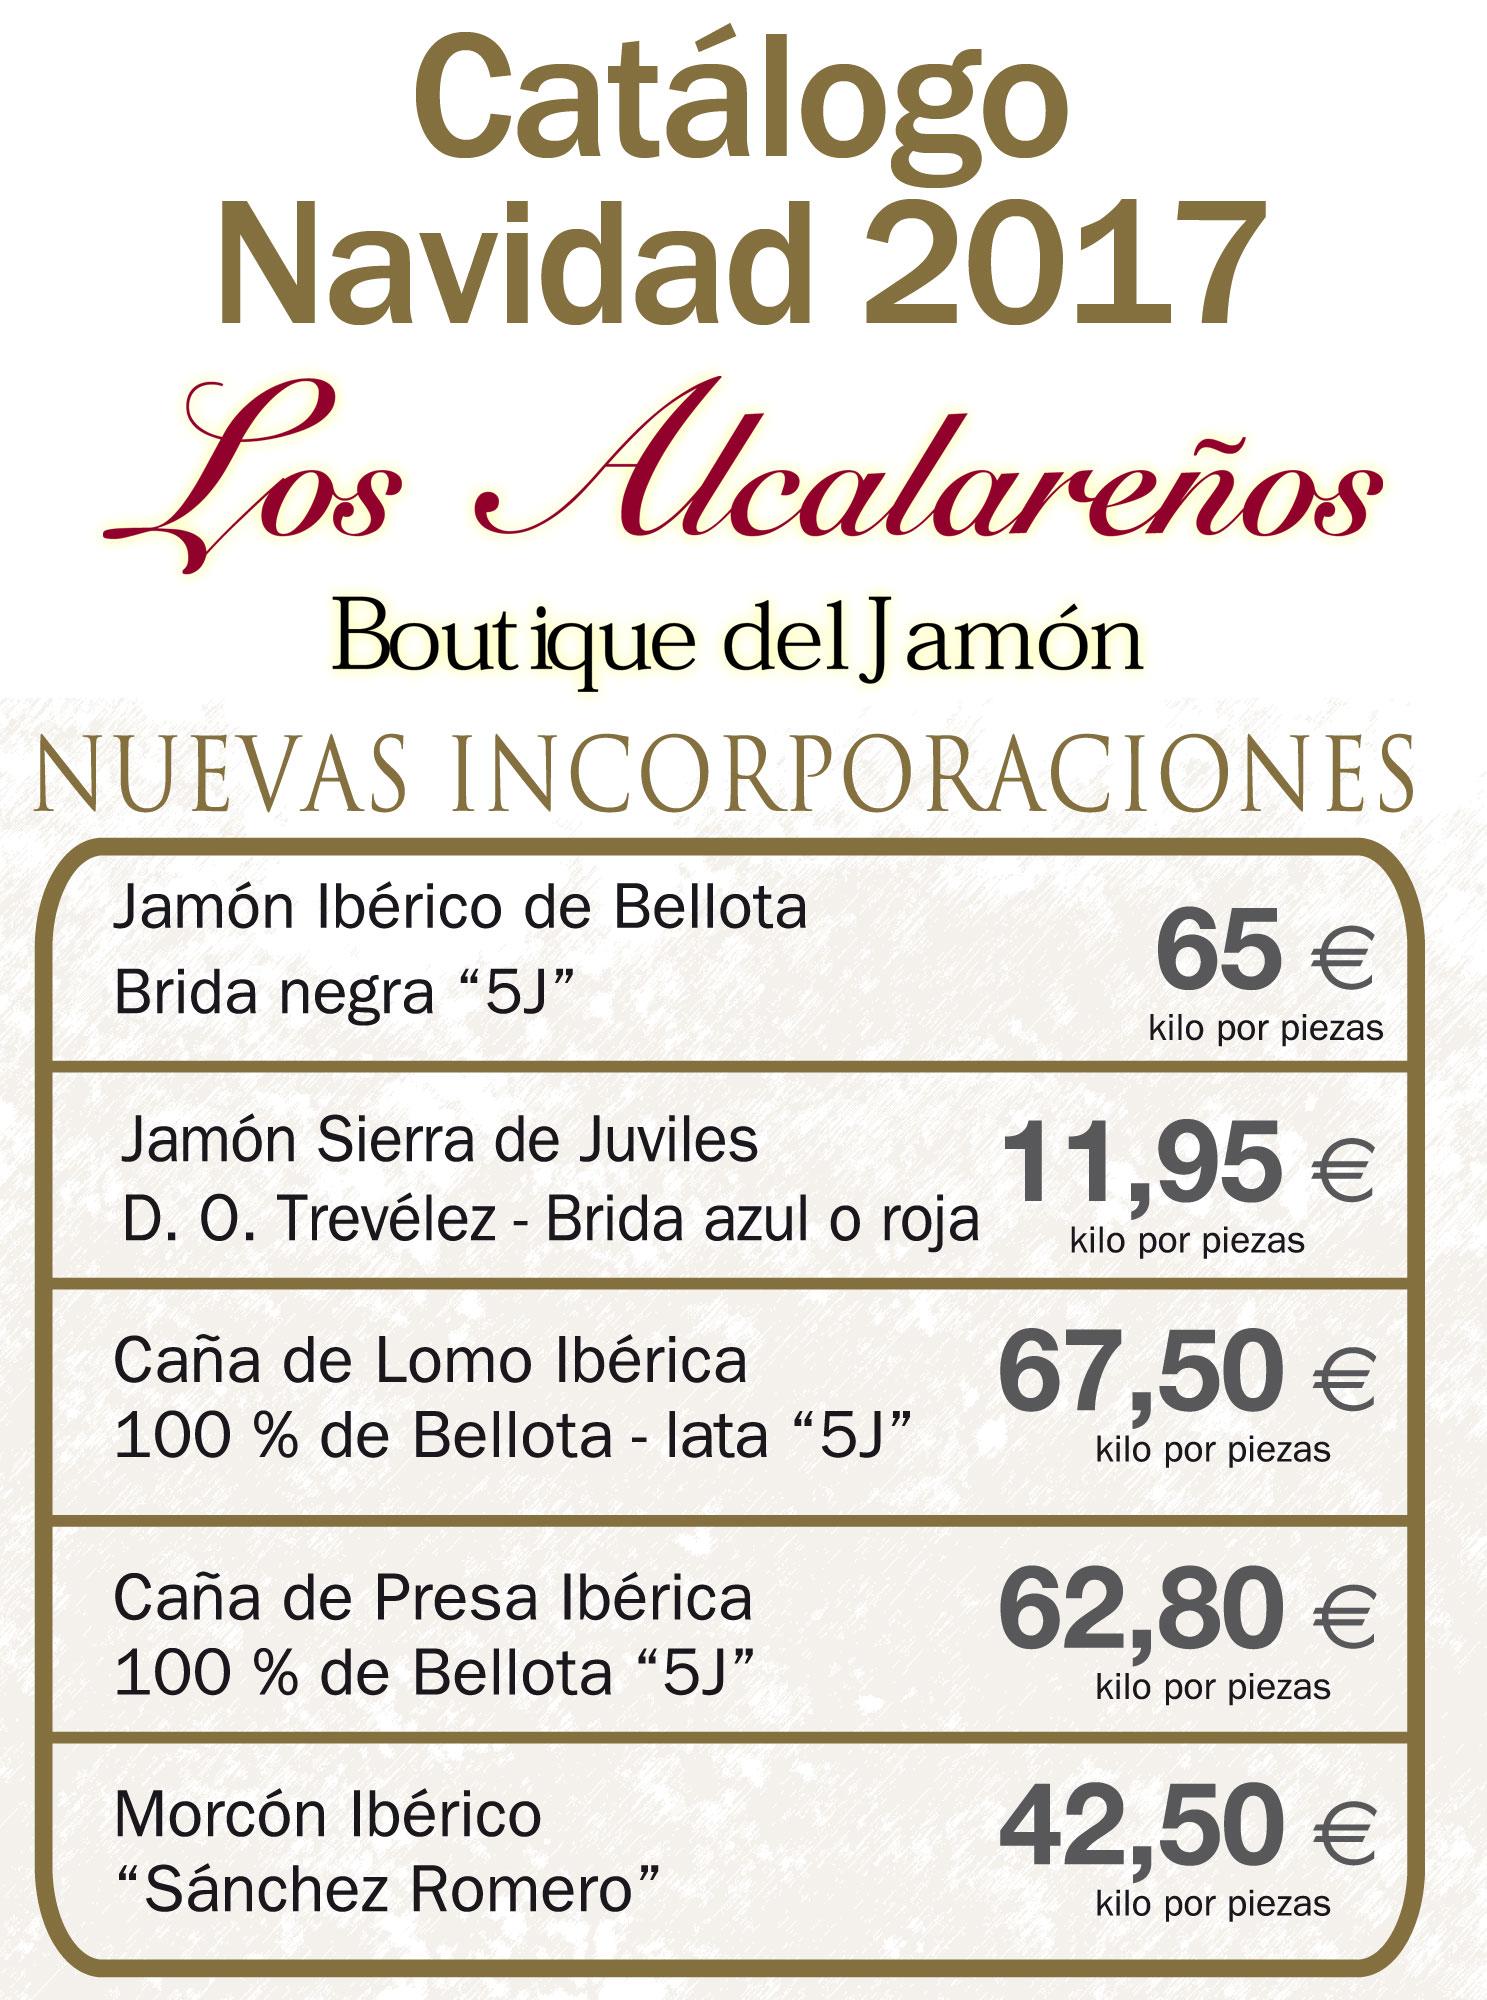 Catálogo Regalos Empresas 2017